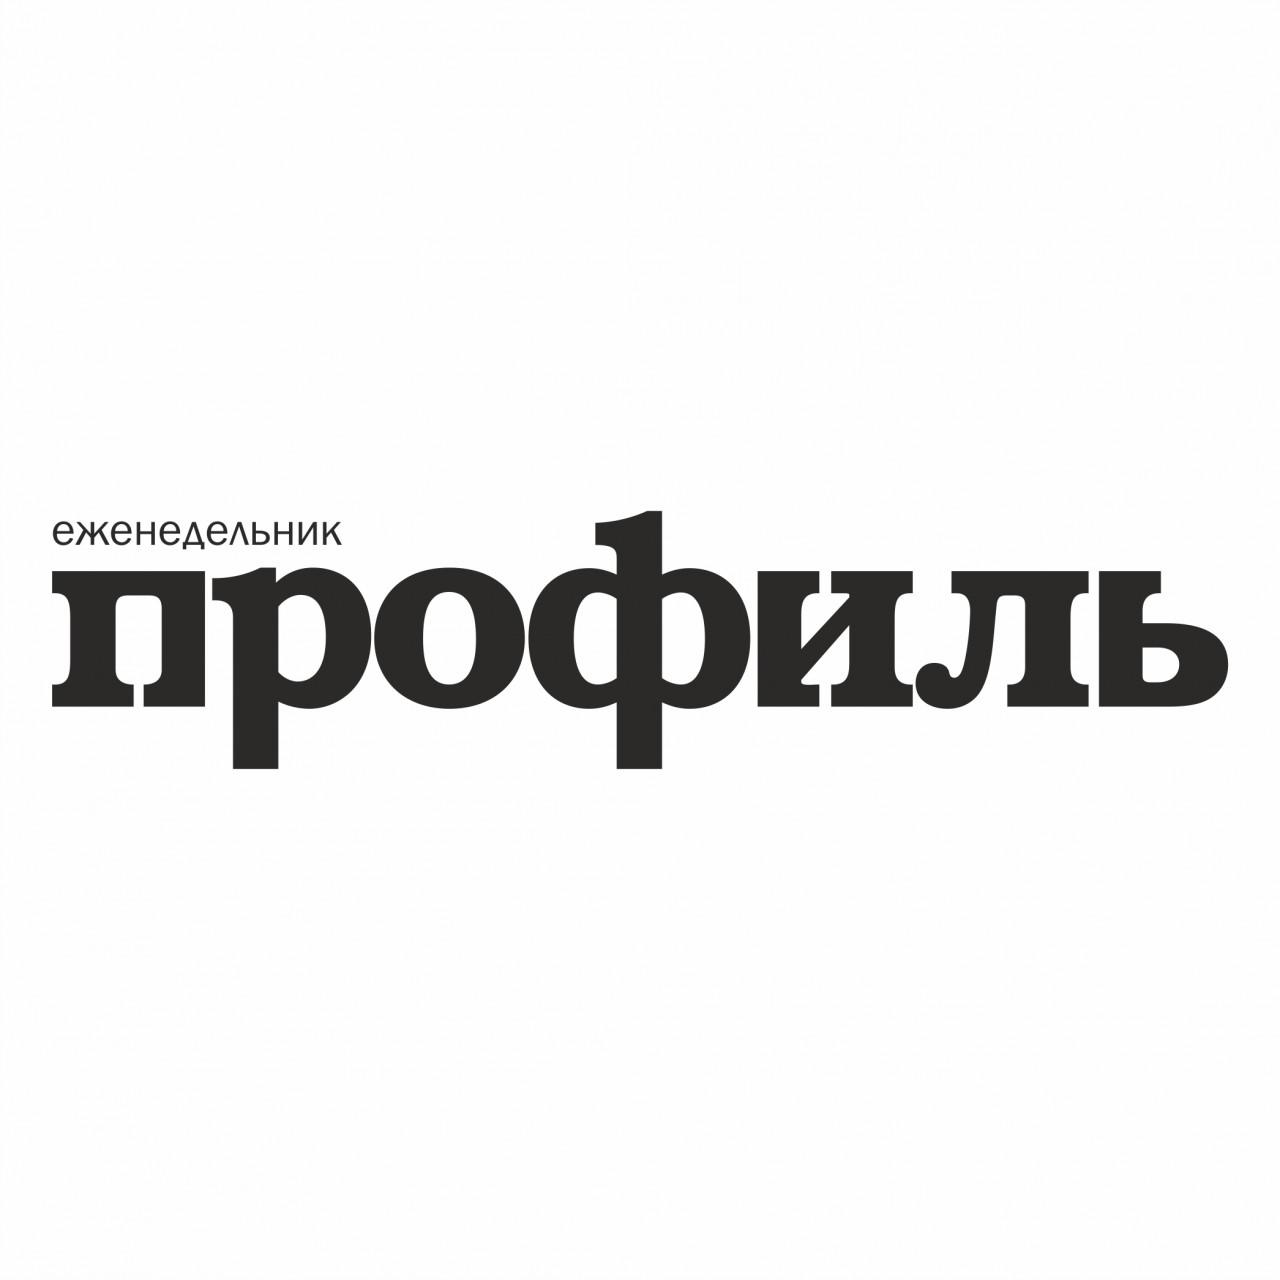 Госдума приняла поправки в бюджет на 2018 год